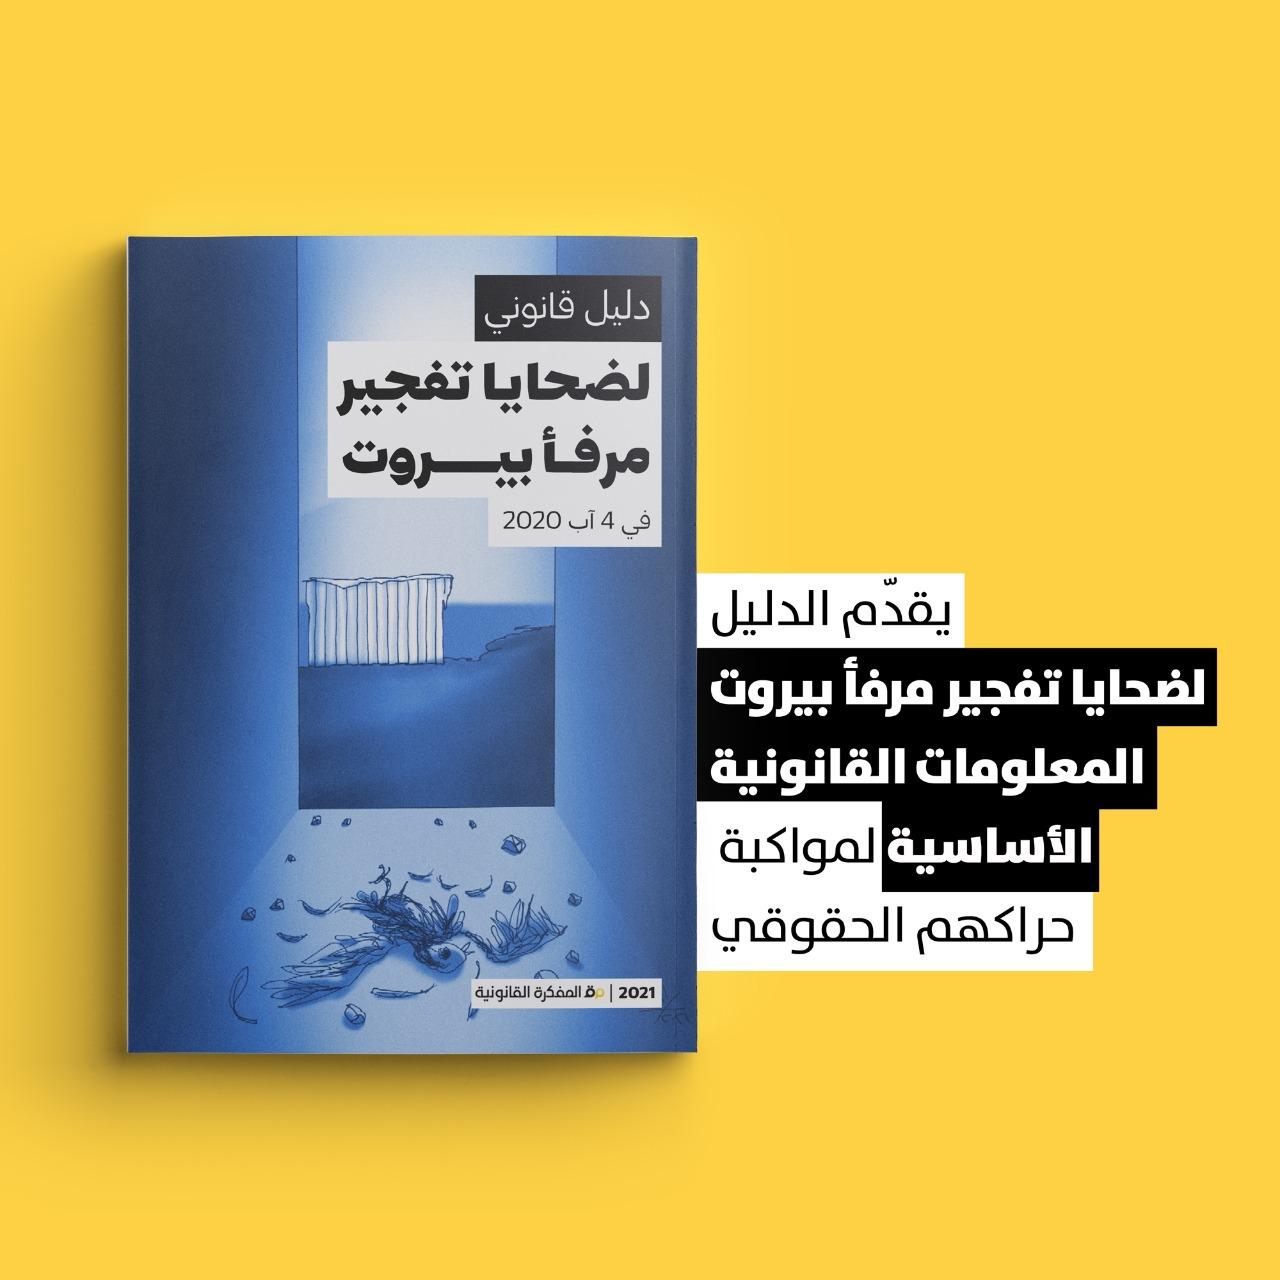 دليل قانوني لضحايا تفجير مرفأ بيروت في 4 آب 2020